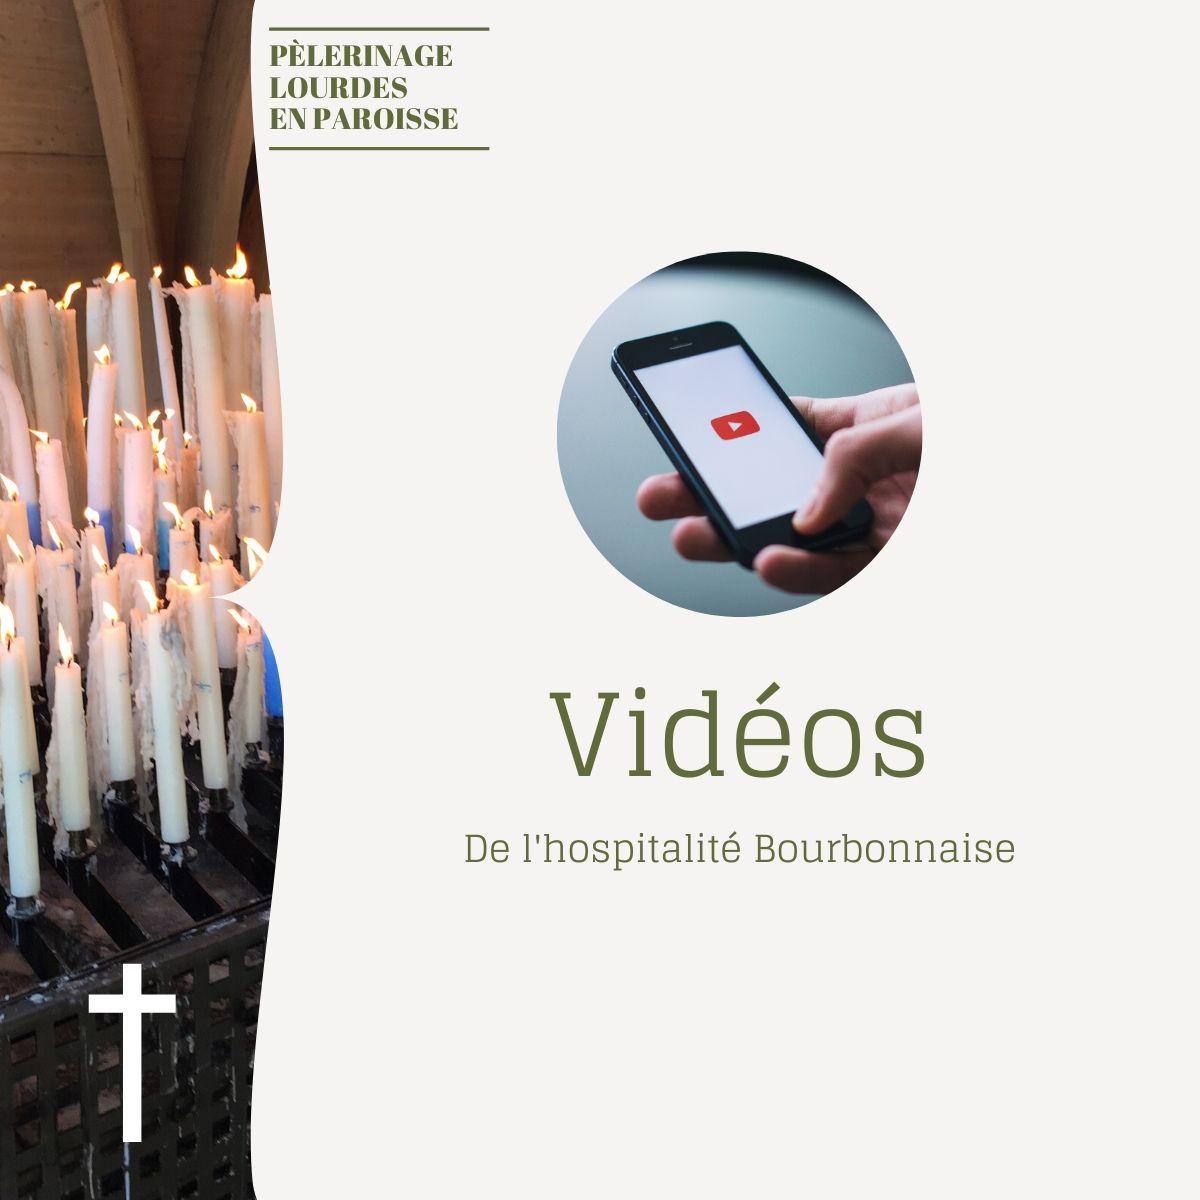 Pèlerinage de Lourdes en paroisse : Vidéos de l'Hospitalité Bourbonnaise